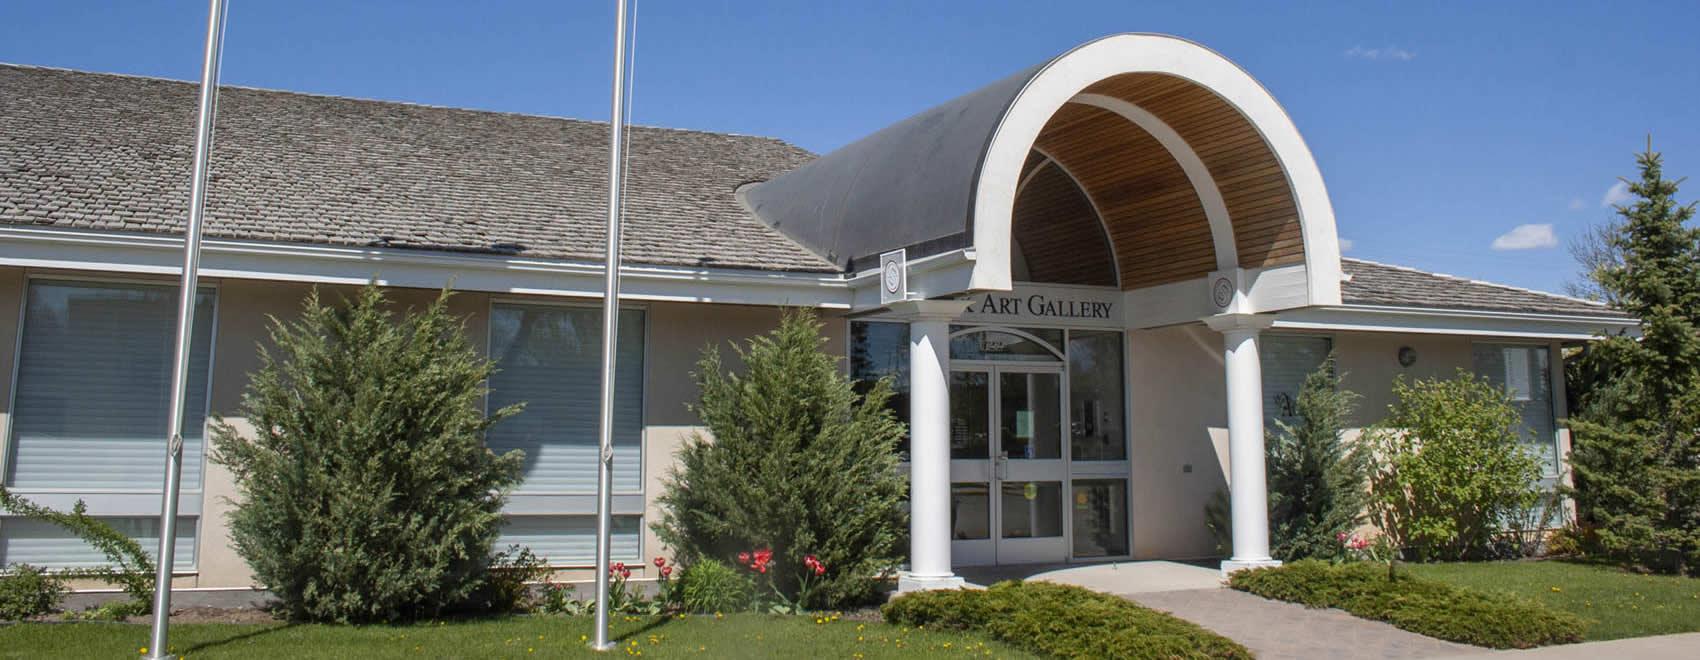 Shurniak Art Gallery Assiniboia